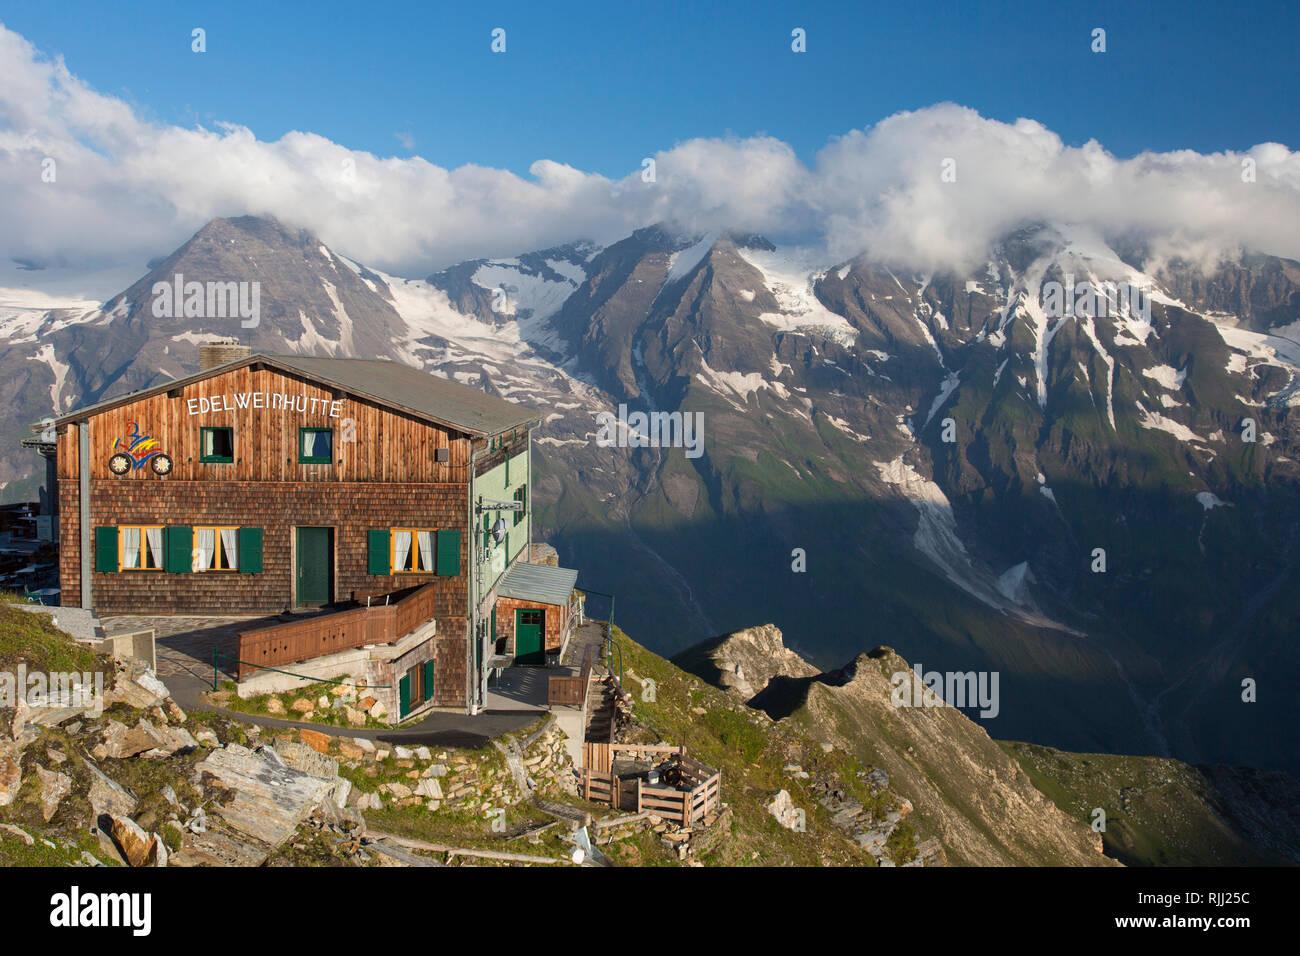 Edelweissspitze (2572 m) mit Mountain Inn Edelweisshuette im Nationalpark Hohe Tauern, Salzburg, Österreich Stockbild